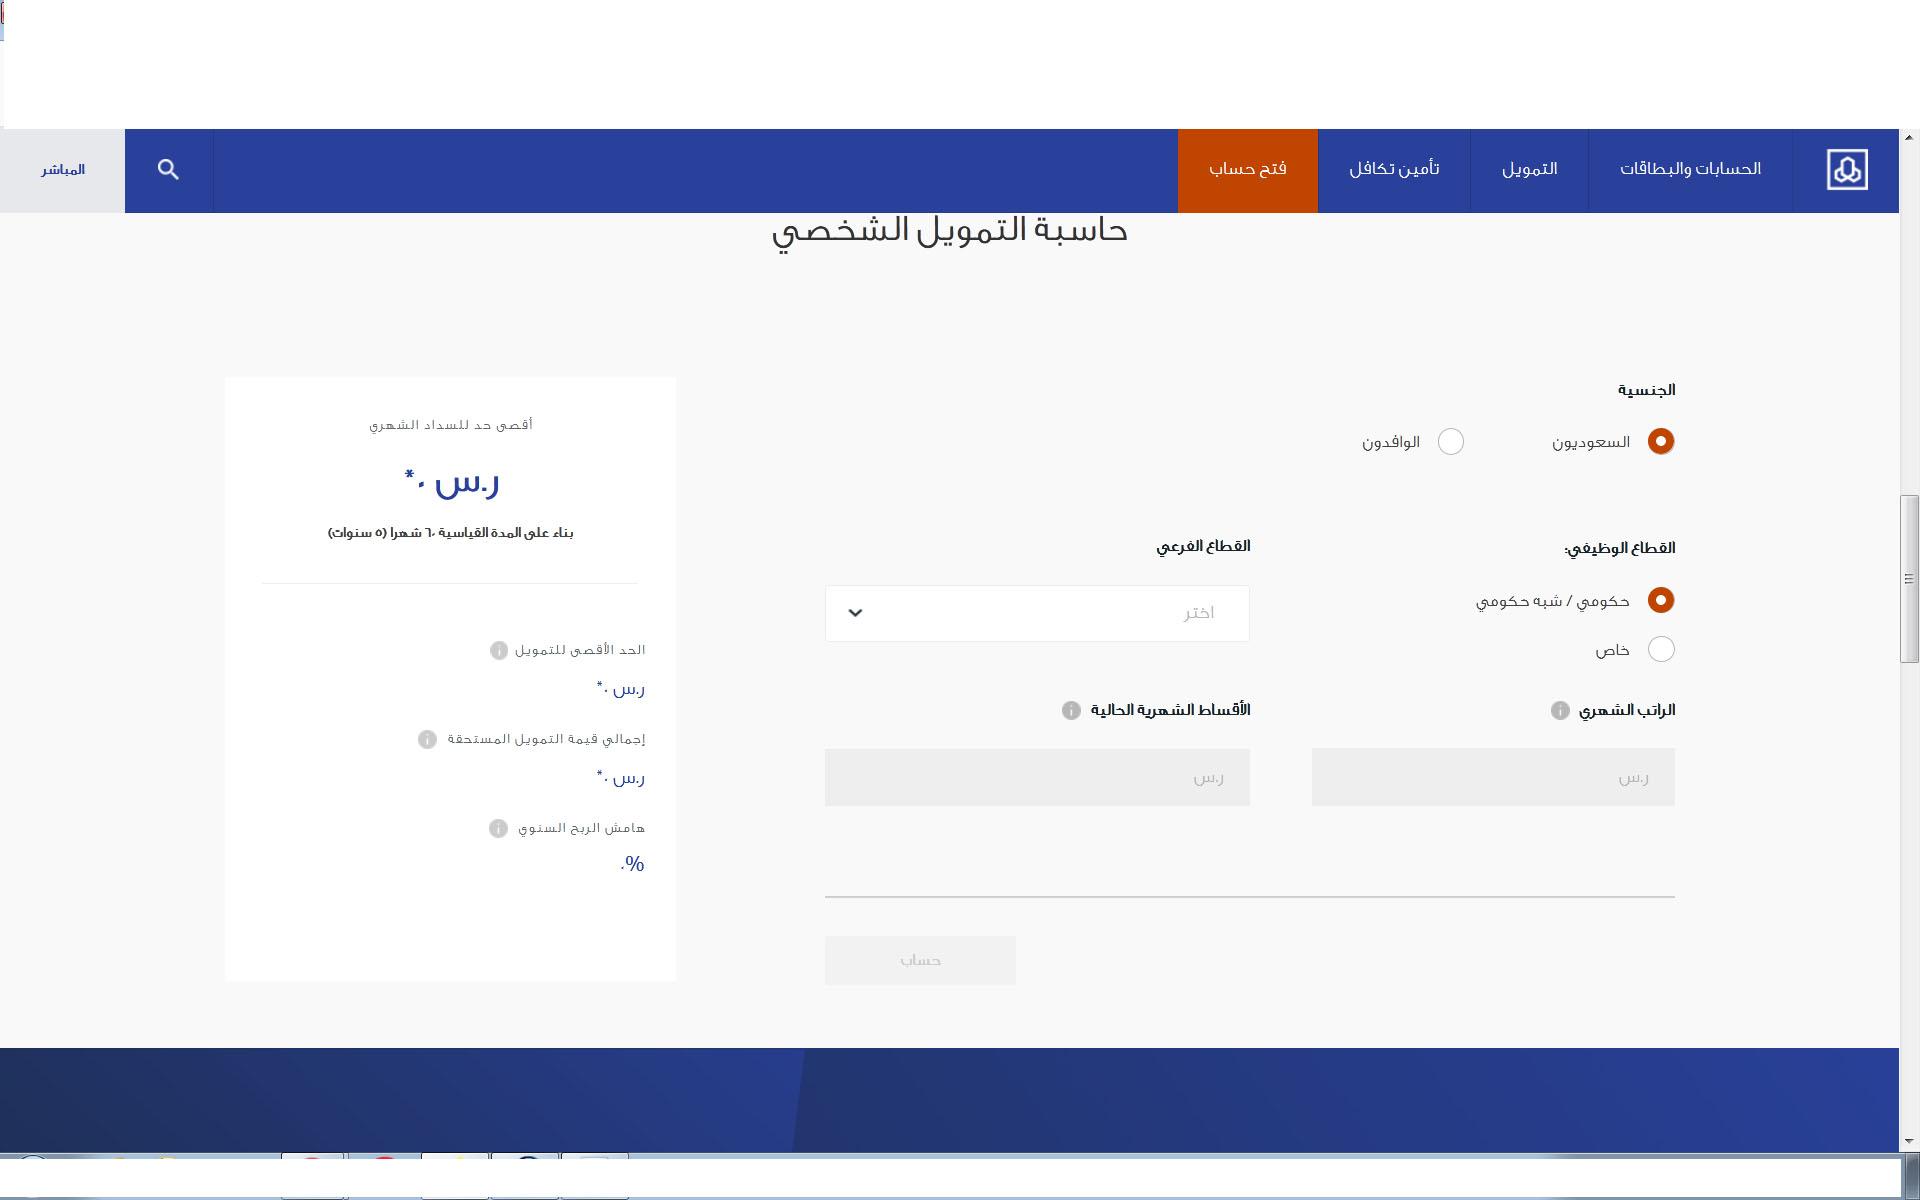 حاسبة قروض مصرف الراجحي للسعودي والمقيم